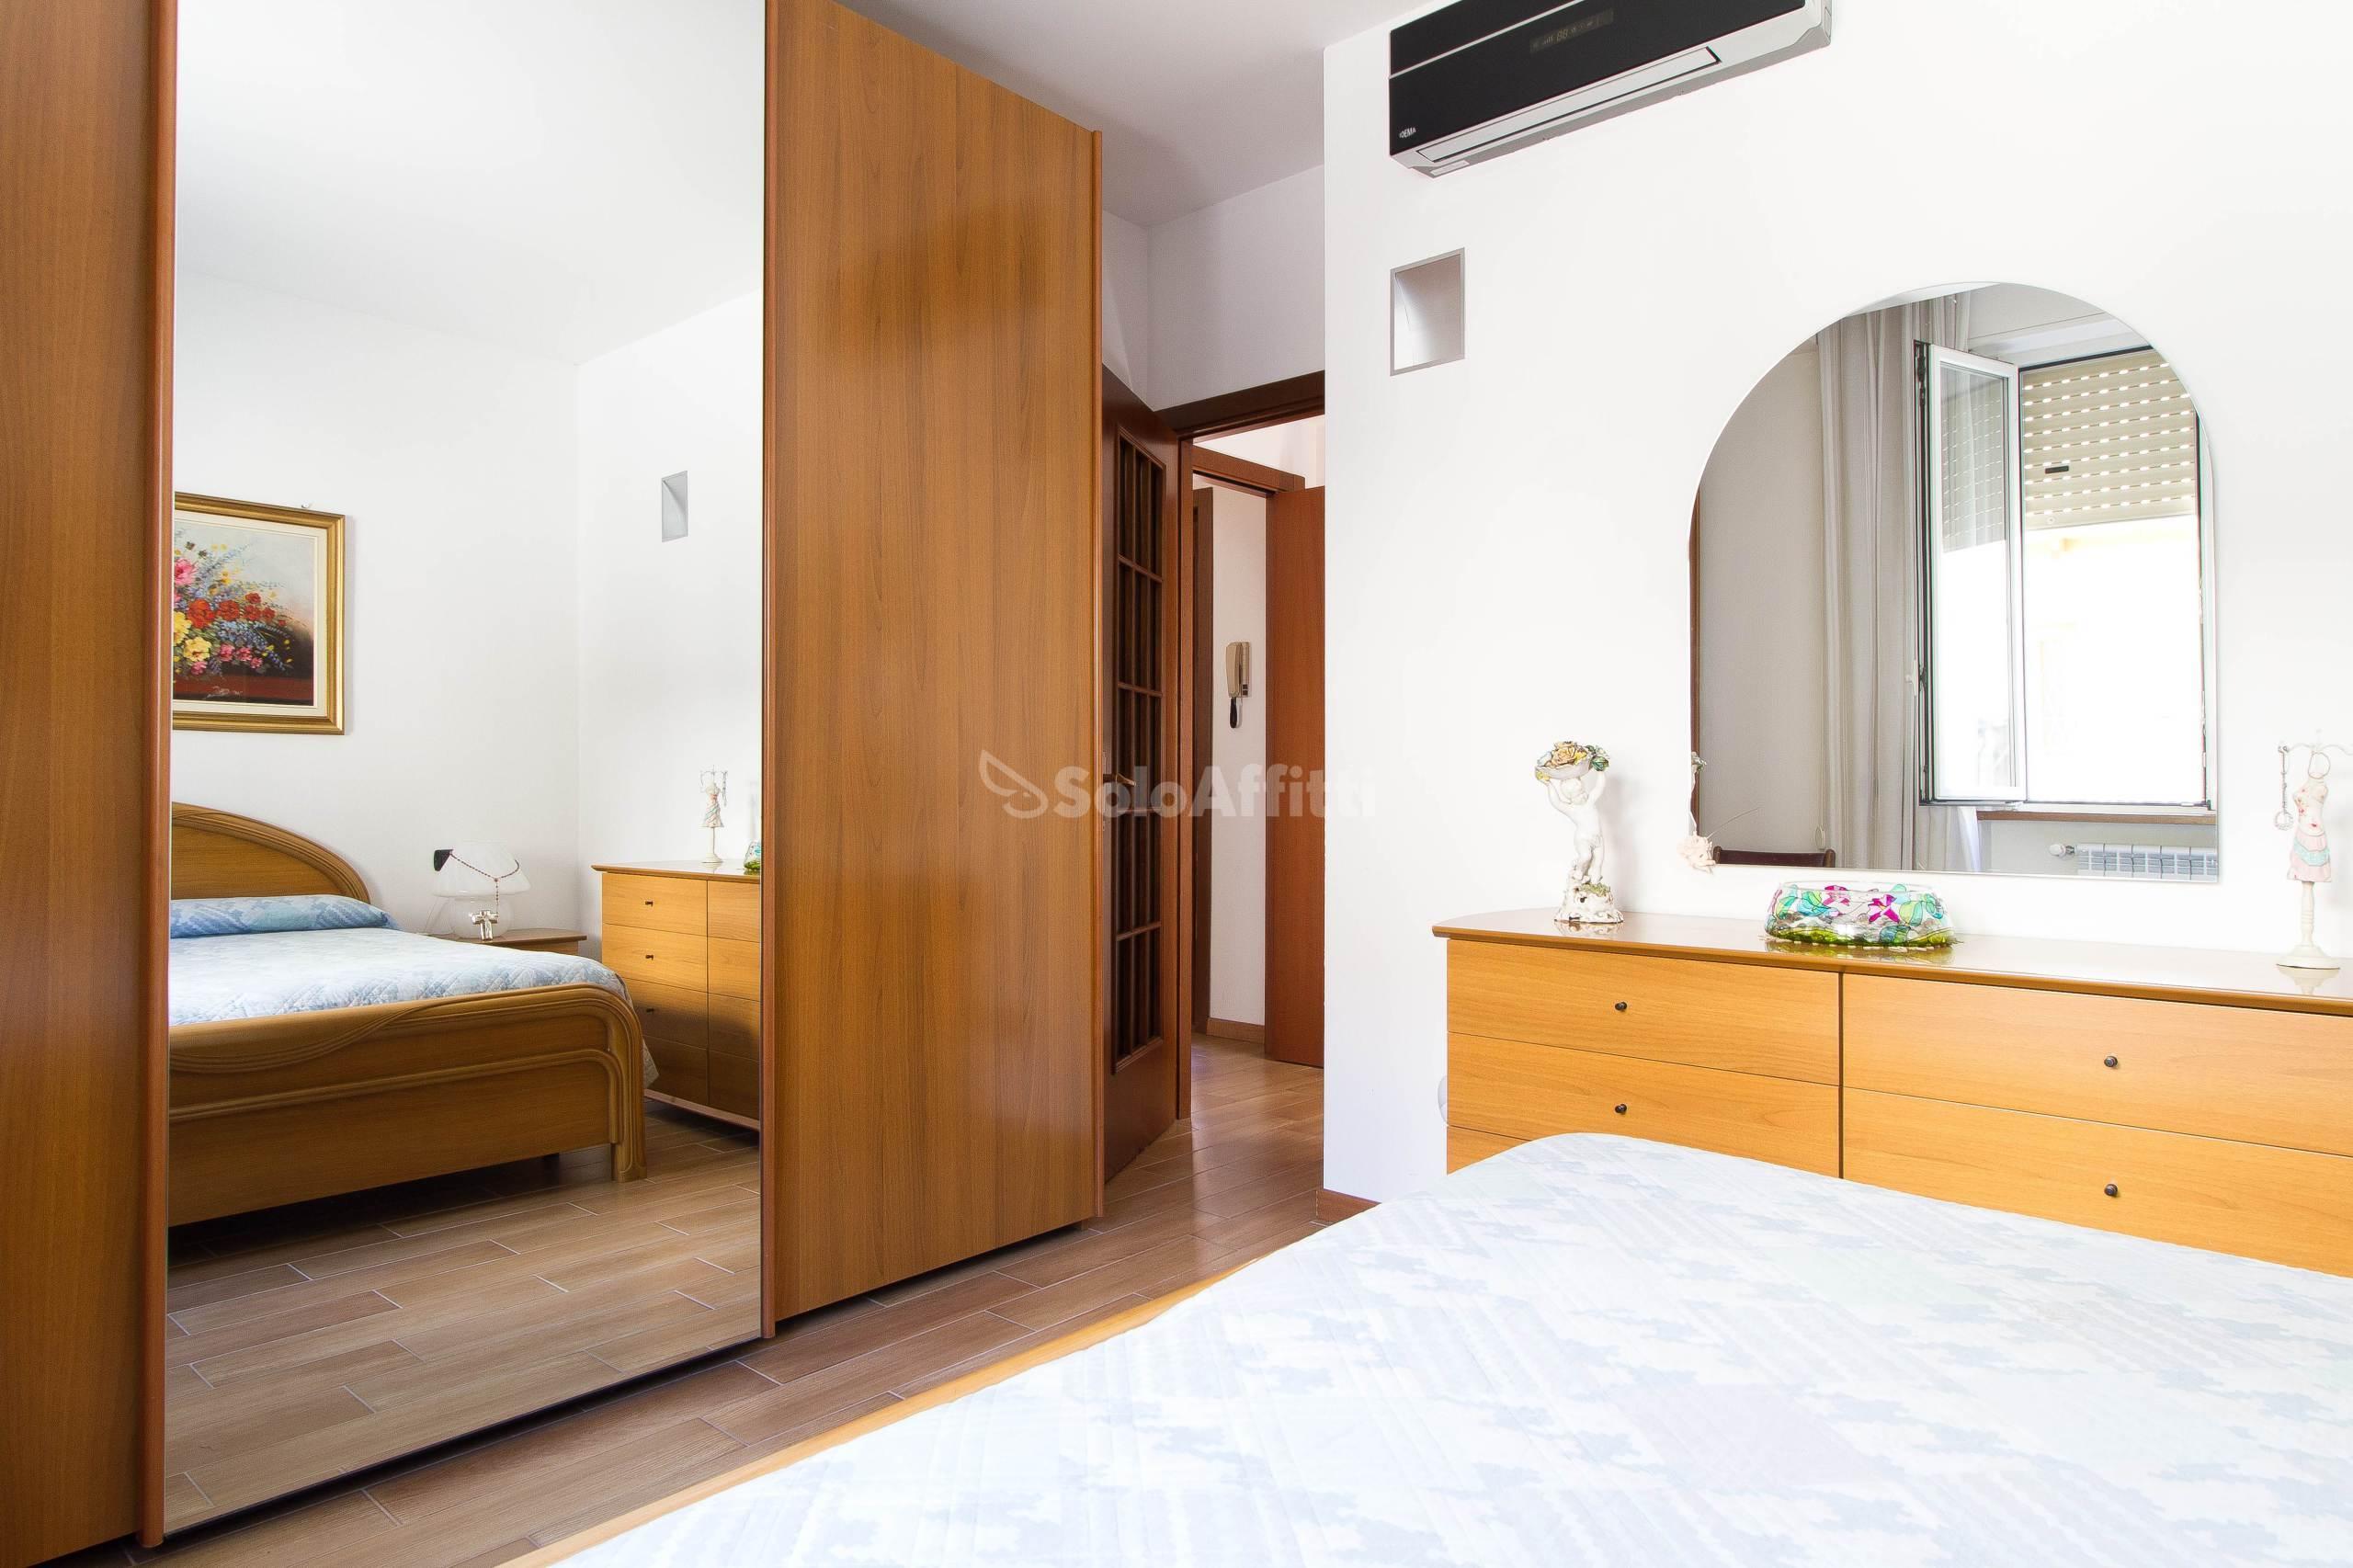 Affitto appartamento bilocale arredato 75 mq for Affitto cassano magnago bilocale arredato